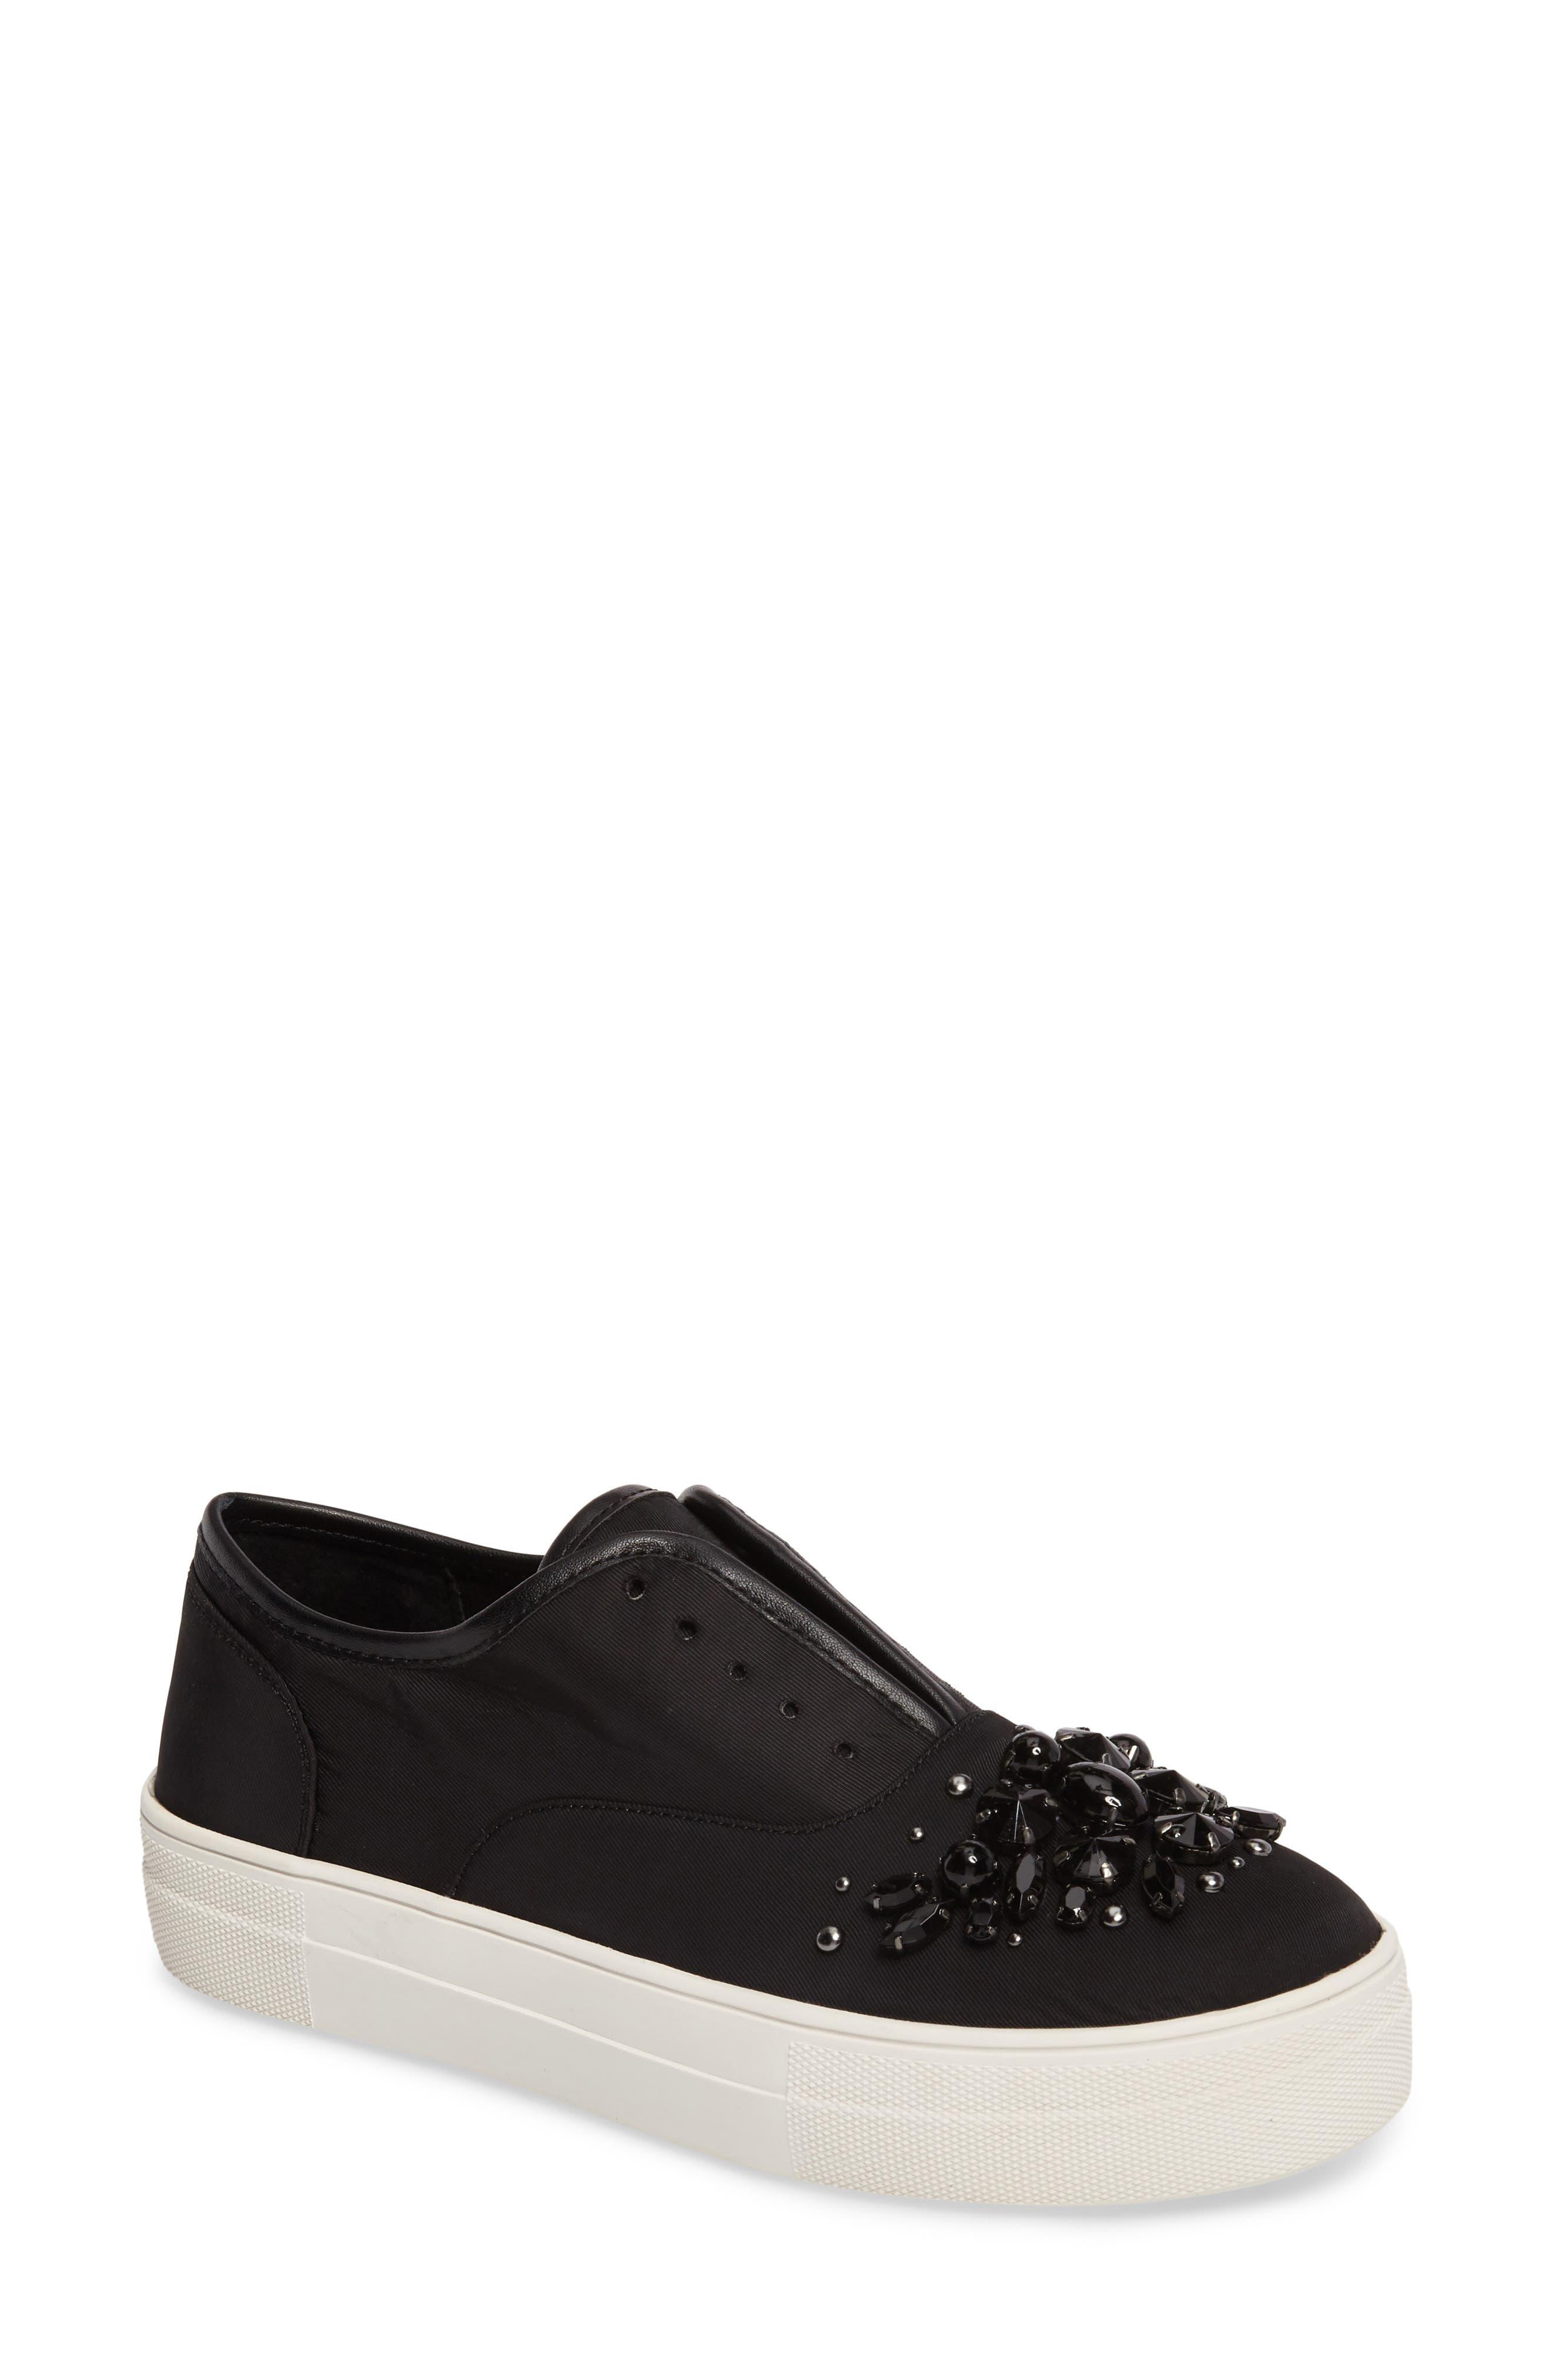 Alternate Image 1 Selected - Steve Madden Passion Embellished Slip-On Platform Sneaker (Women)